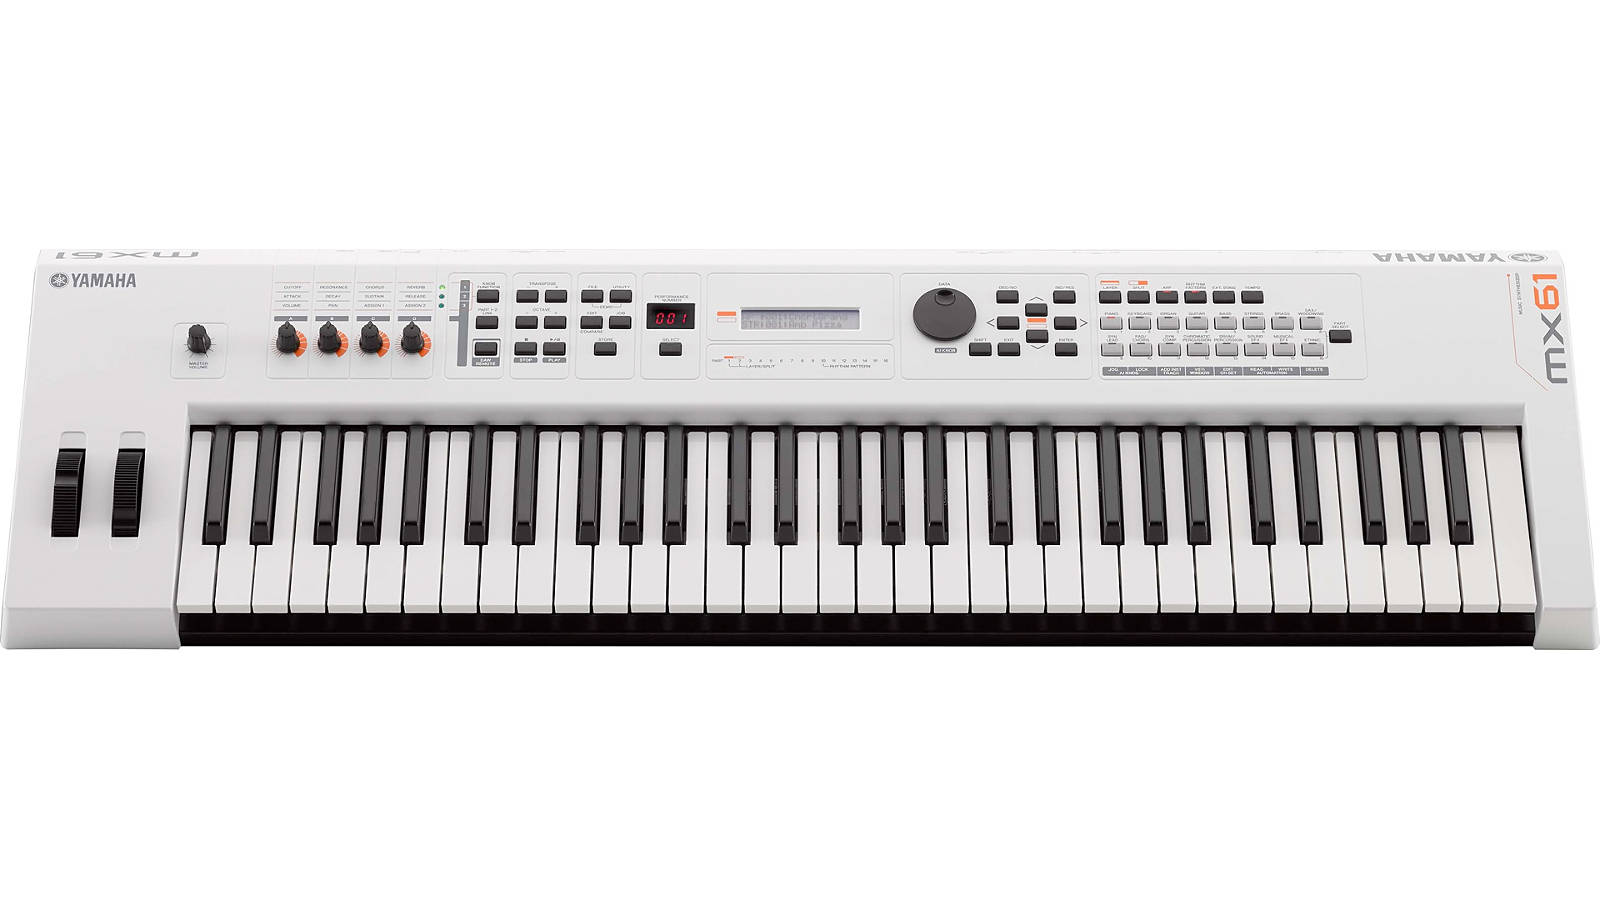 Yamaha MX61II WH Synthesizer White limited